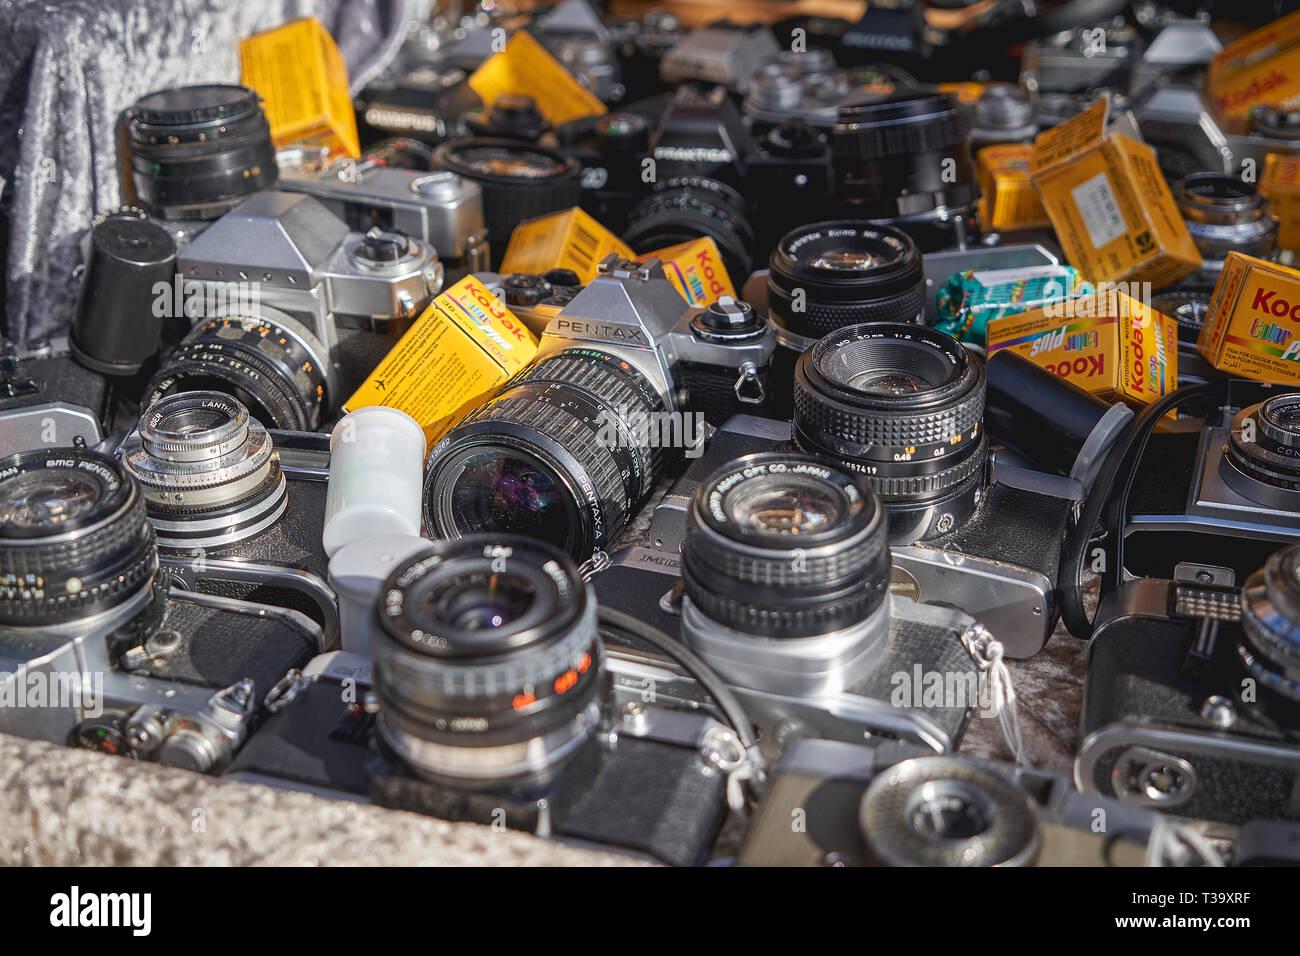 London, UK, November, 2018. Alte klassische Kameras und Linsen auf Verkauf in einem Stall in Portobello Road Market, dem größten Antiquitätenmarkt der Welt. Stockfoto